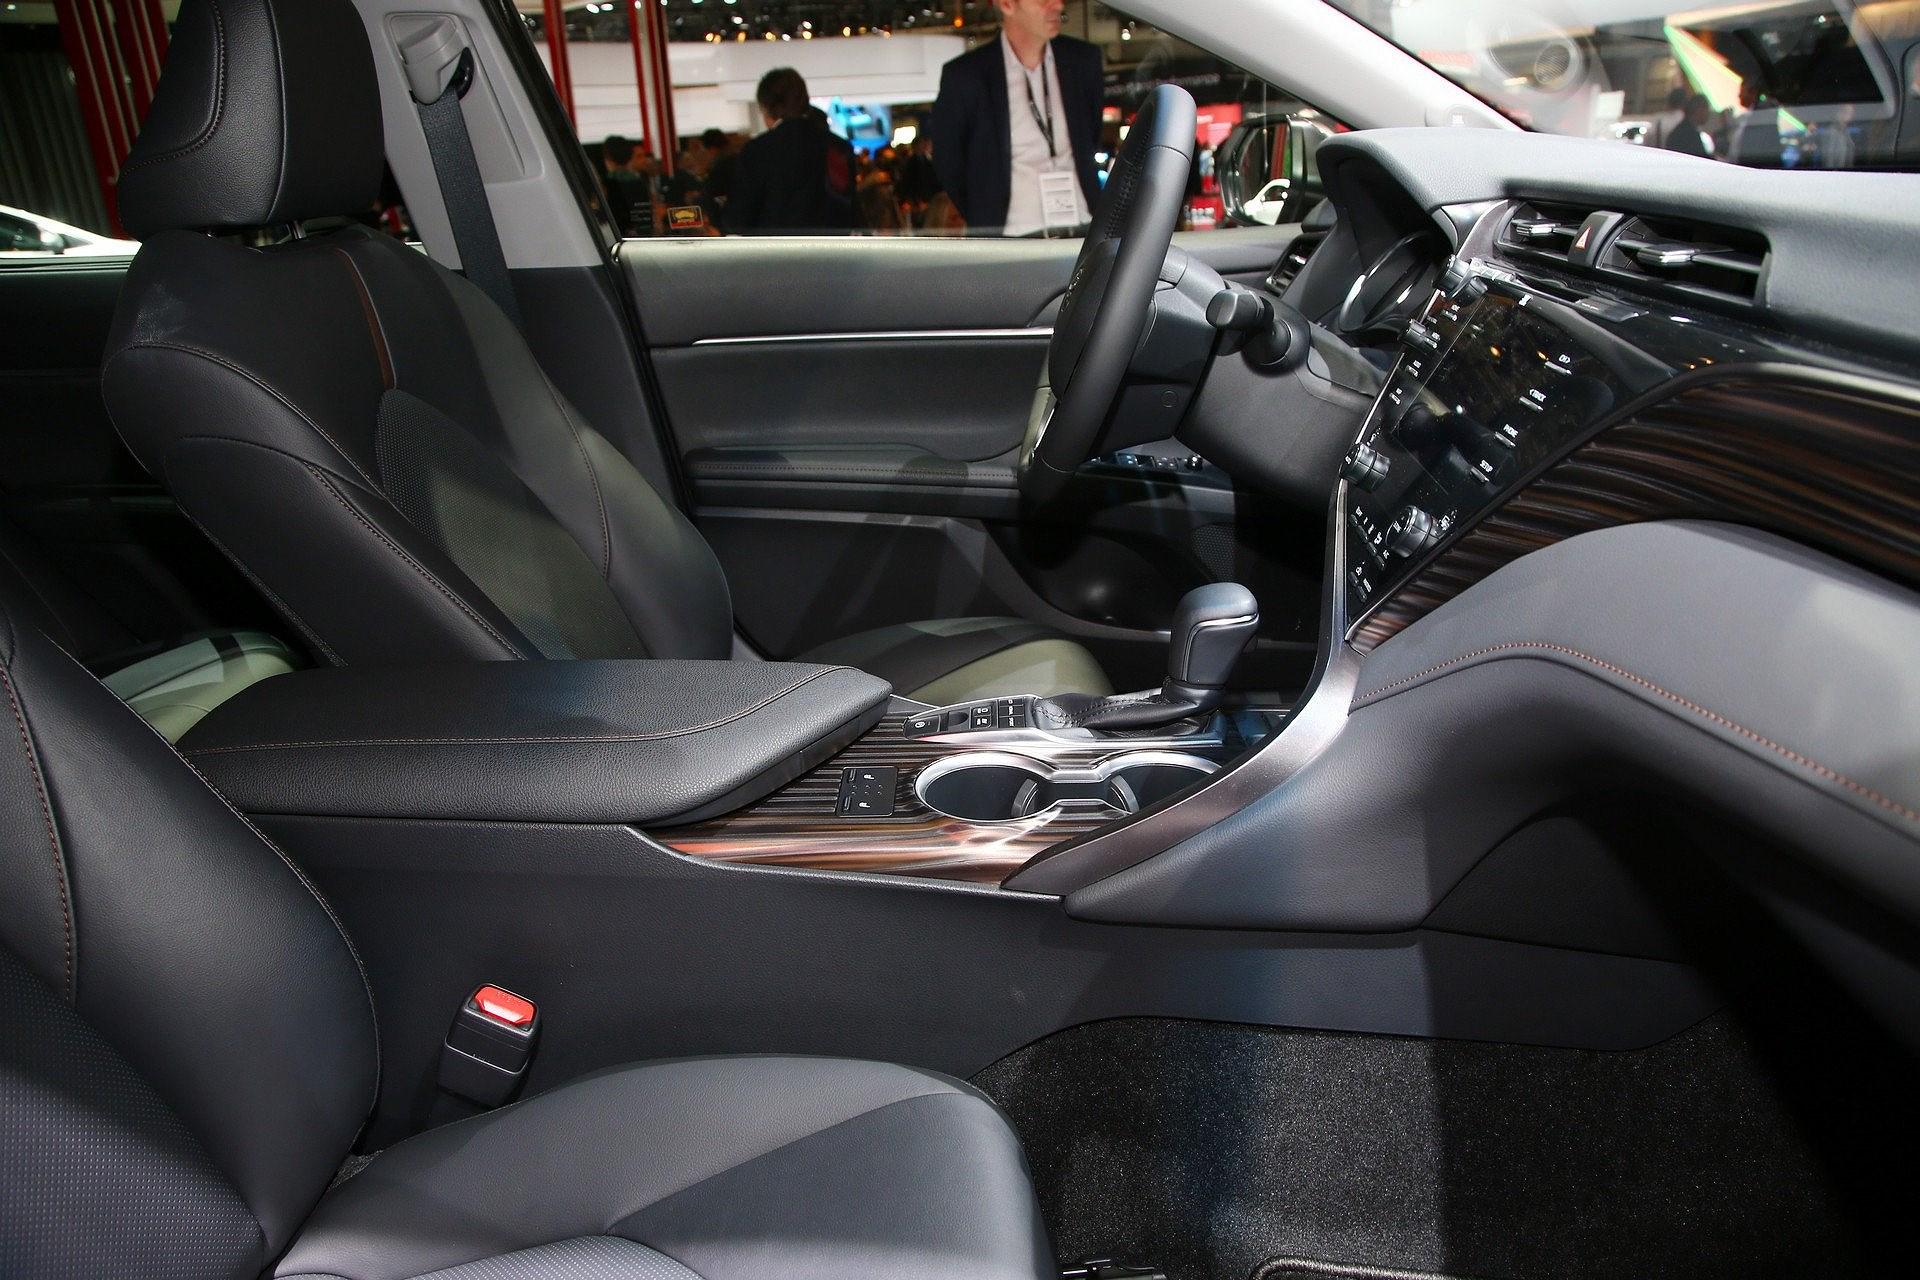 Toyota Camry Hybrid trở lại châu Âu sau 14 năm vắng bóng Ảnh 8